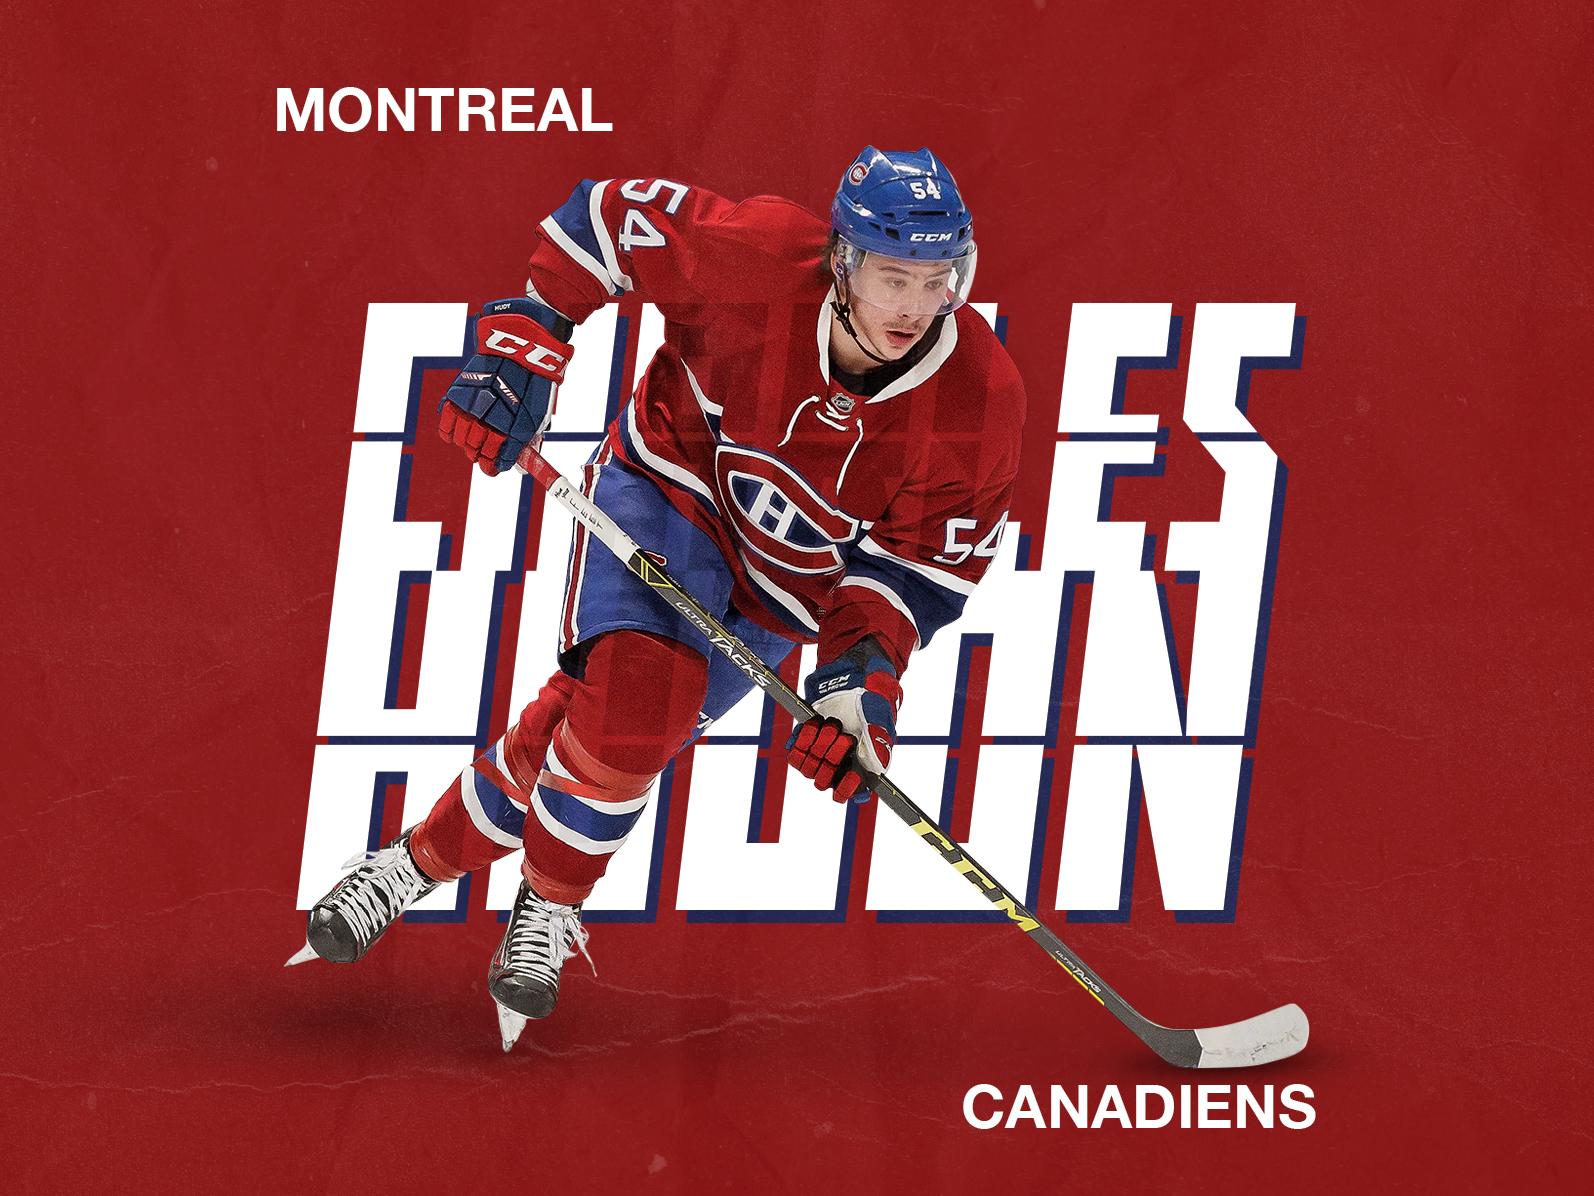 Charles Hudon hockey stick montreal canadiens nhl hockey ice hockey sport design typography illustration